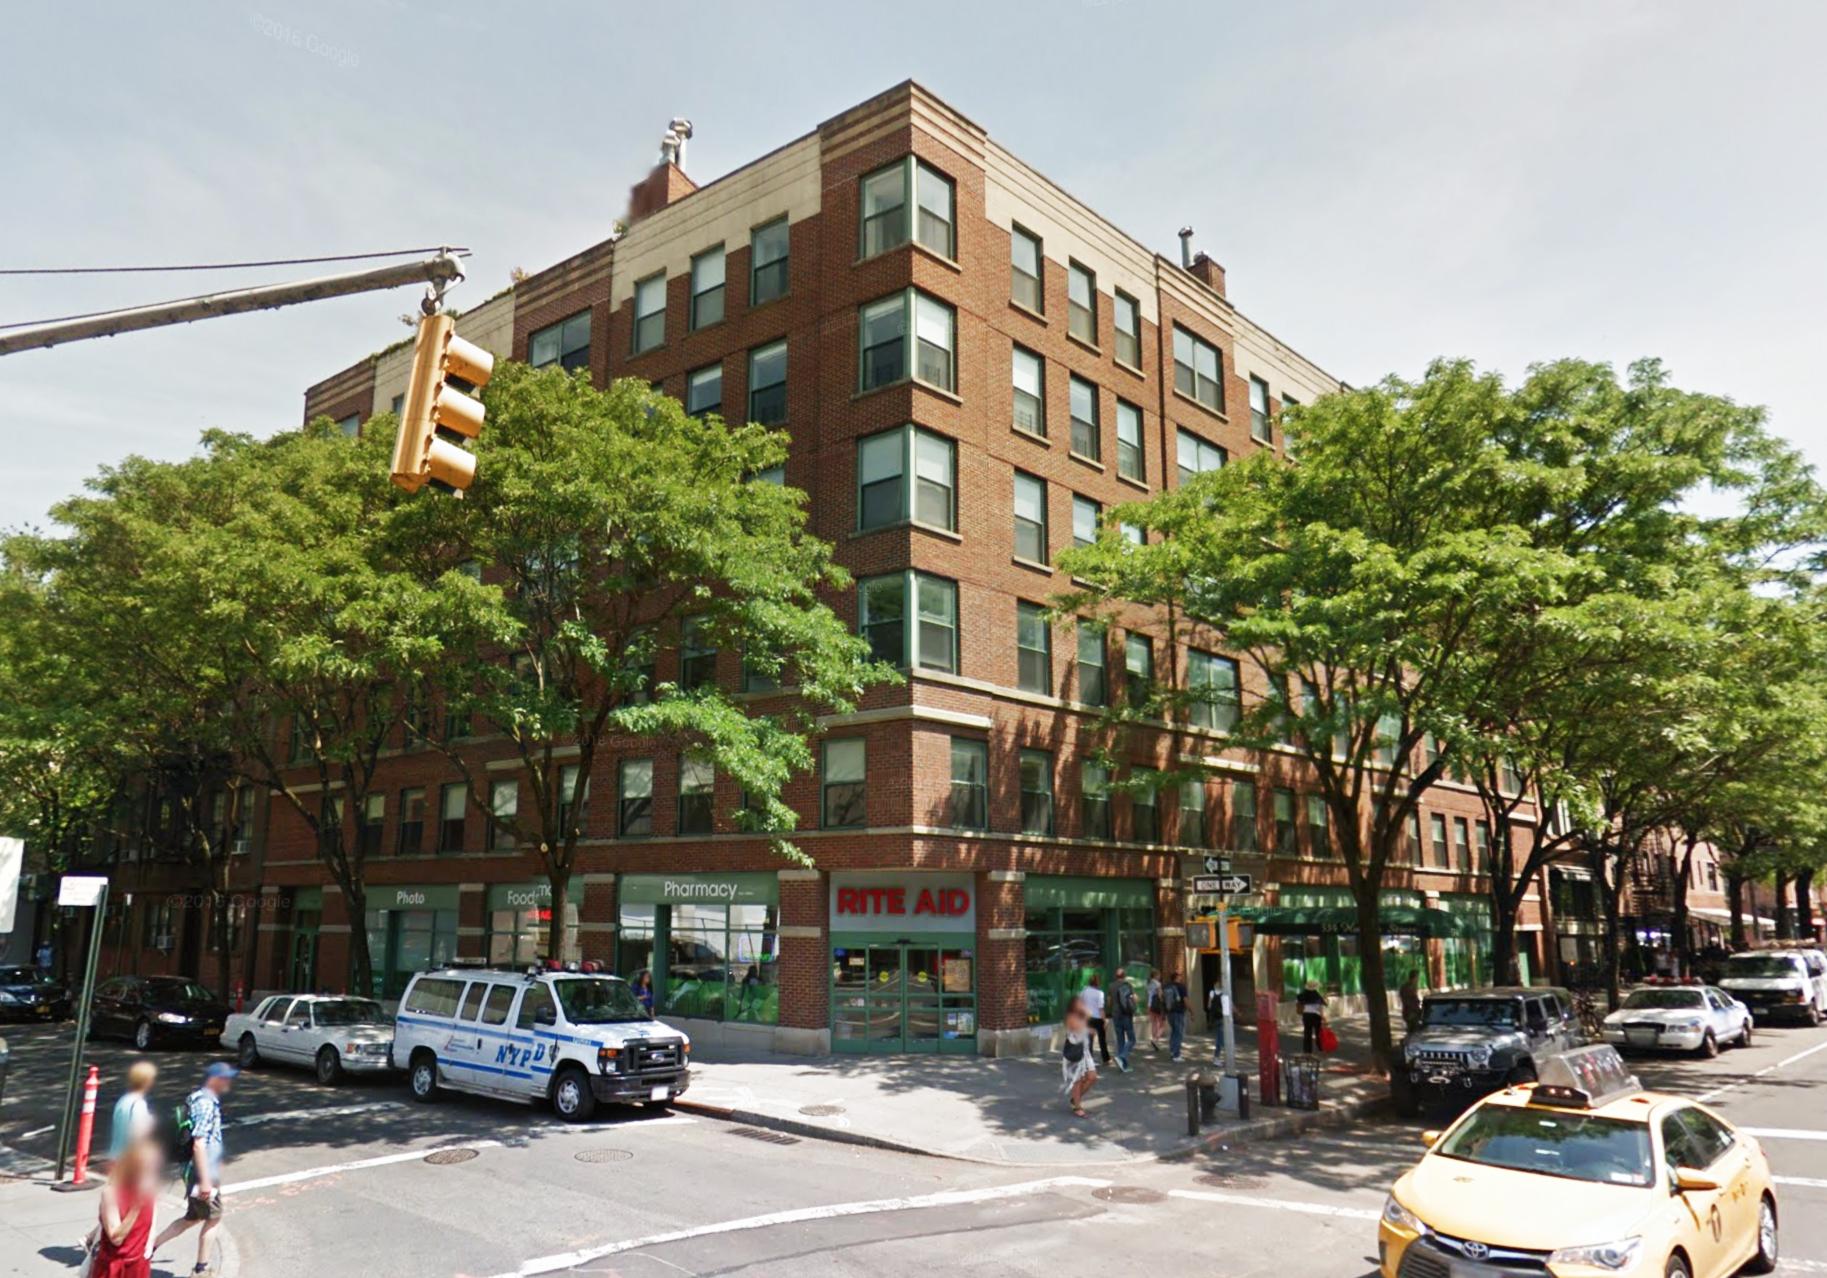 534 Hudson Street in June of 2016. Via Google Maps